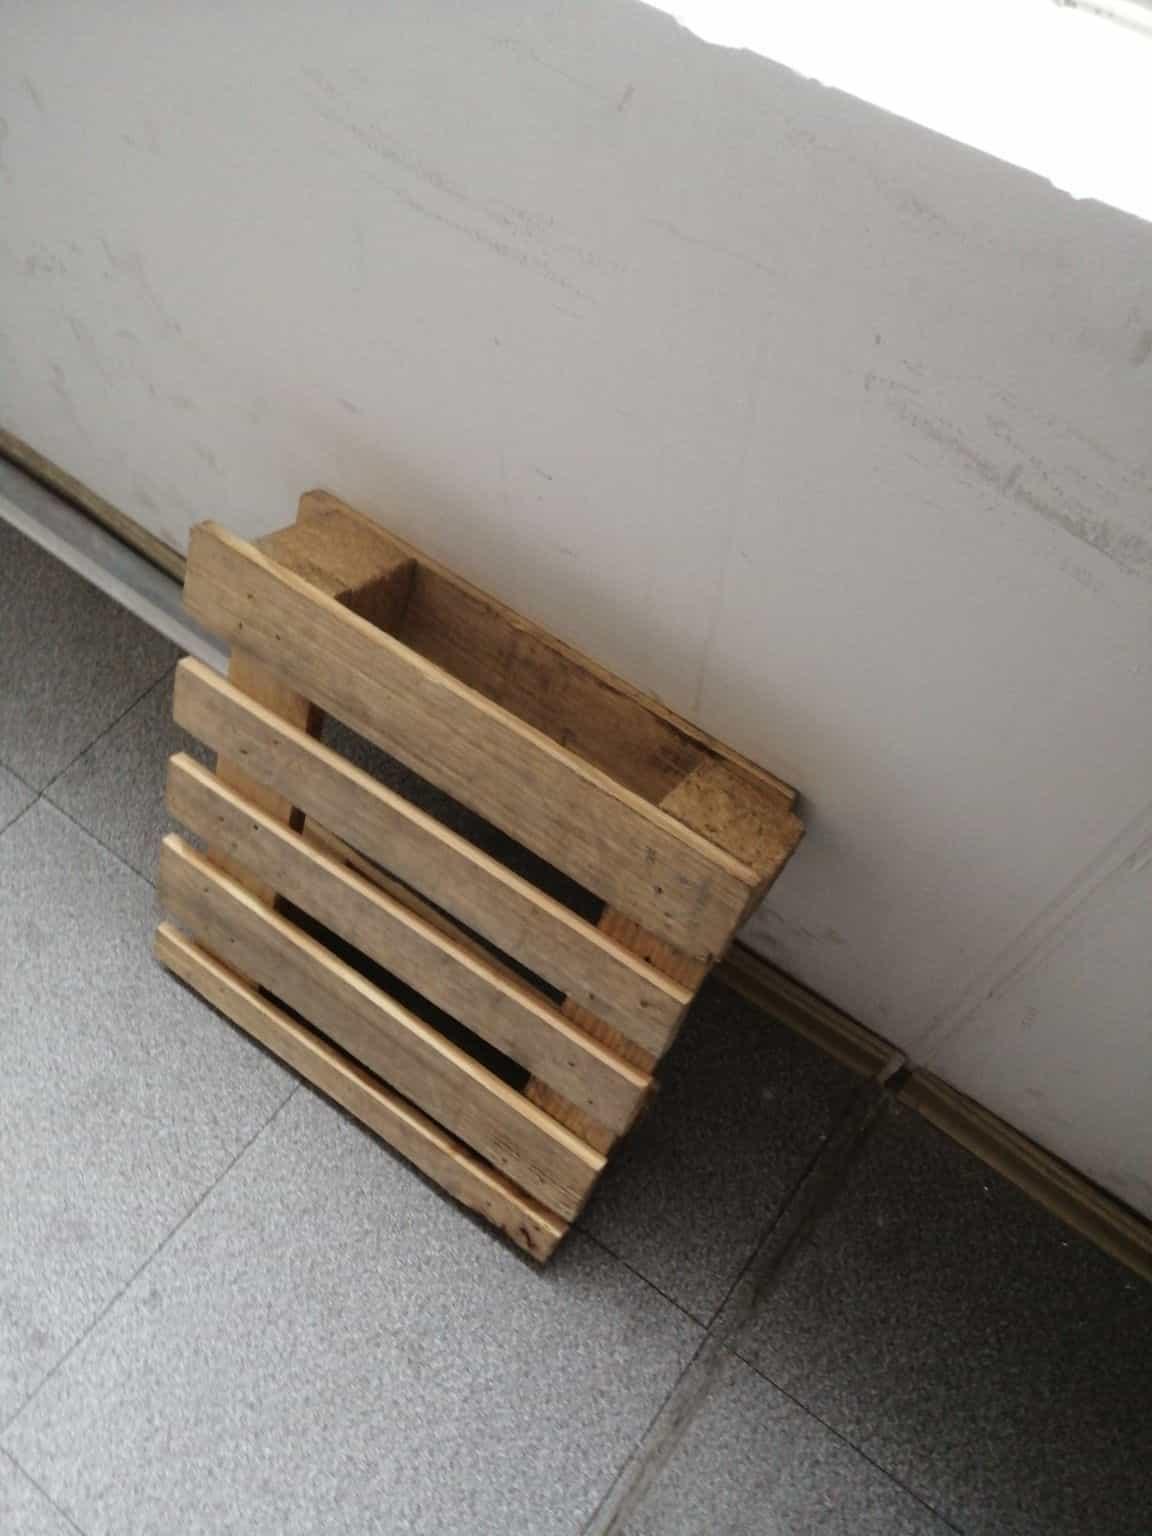 内蒙古集装杂木托盘等价??,½≣㊮♁ℯ??,☆ヶ÷情与询价方?,_㊛?v1.1订货